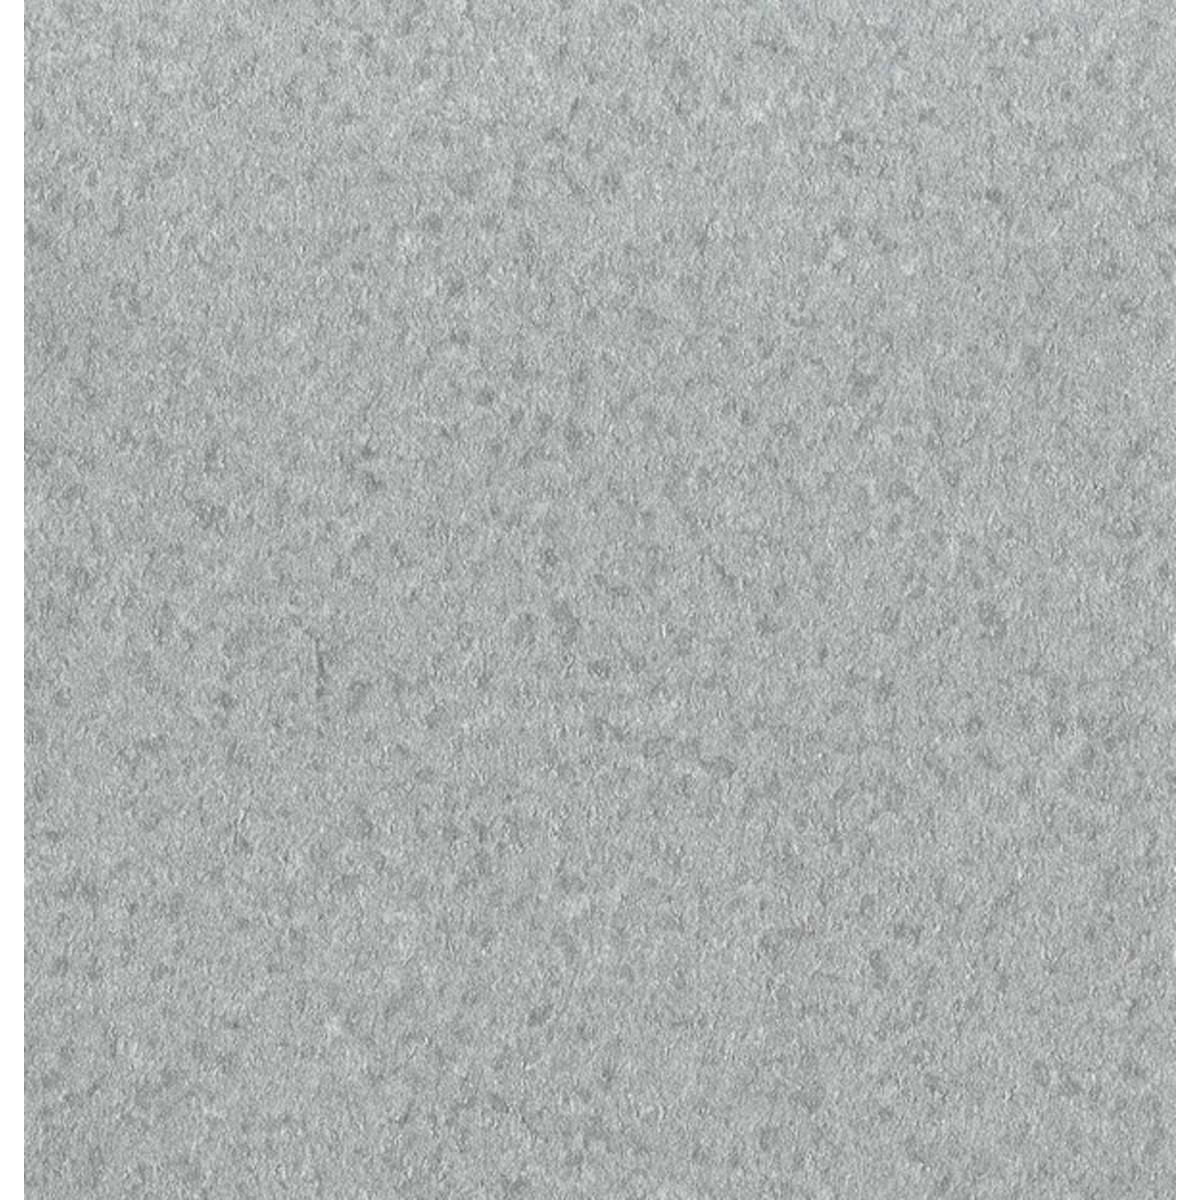 Обои виниловые Gaenari серые 1.06 м 88268-2